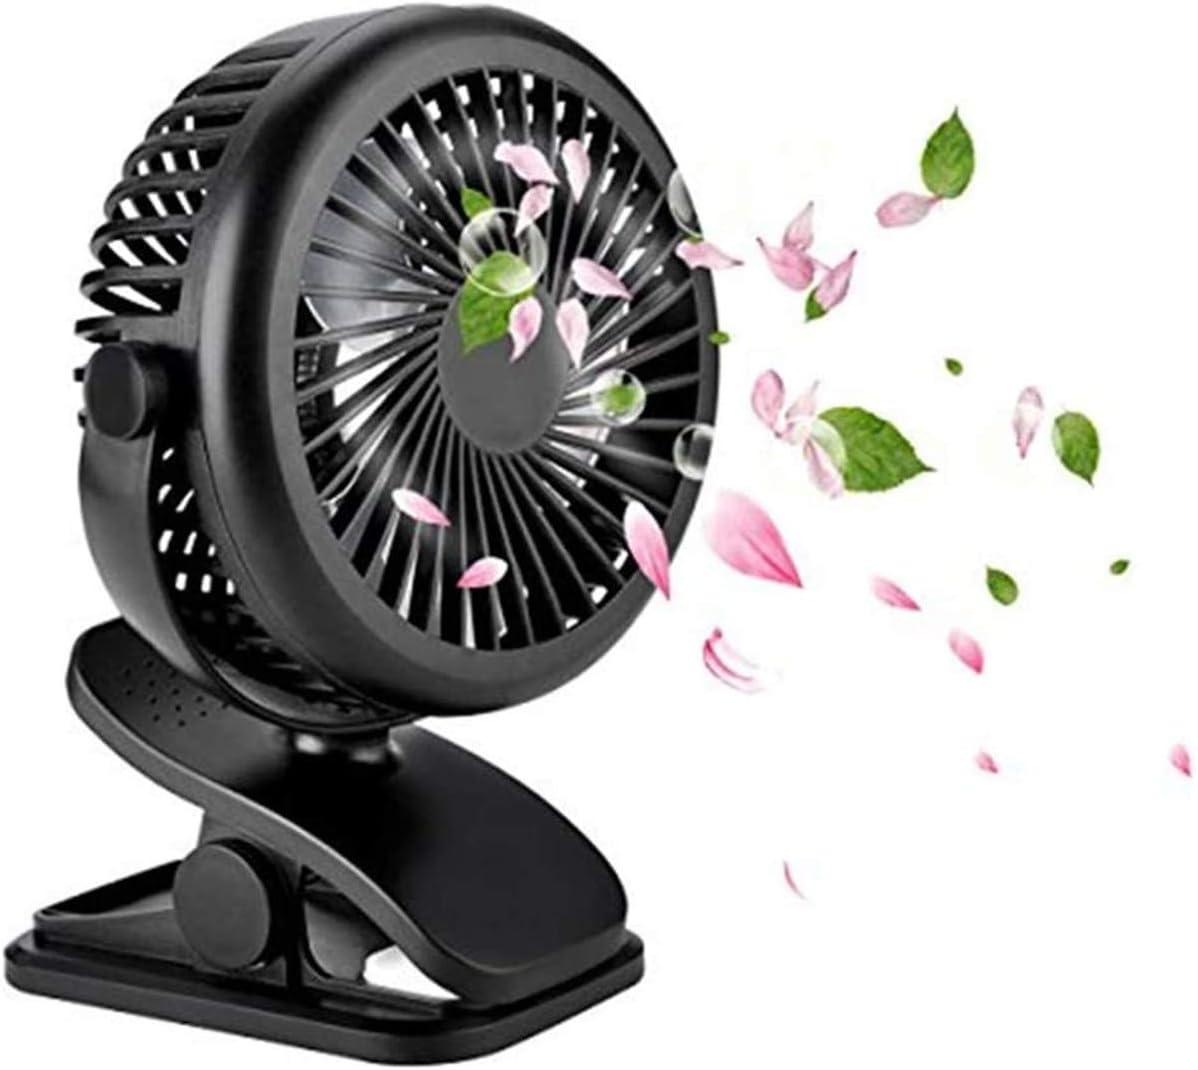 WEIGE Mini USB Fan,Portable Clip Stroller Fan, Battery Operated Clip on Mini Desk Fan (Black)